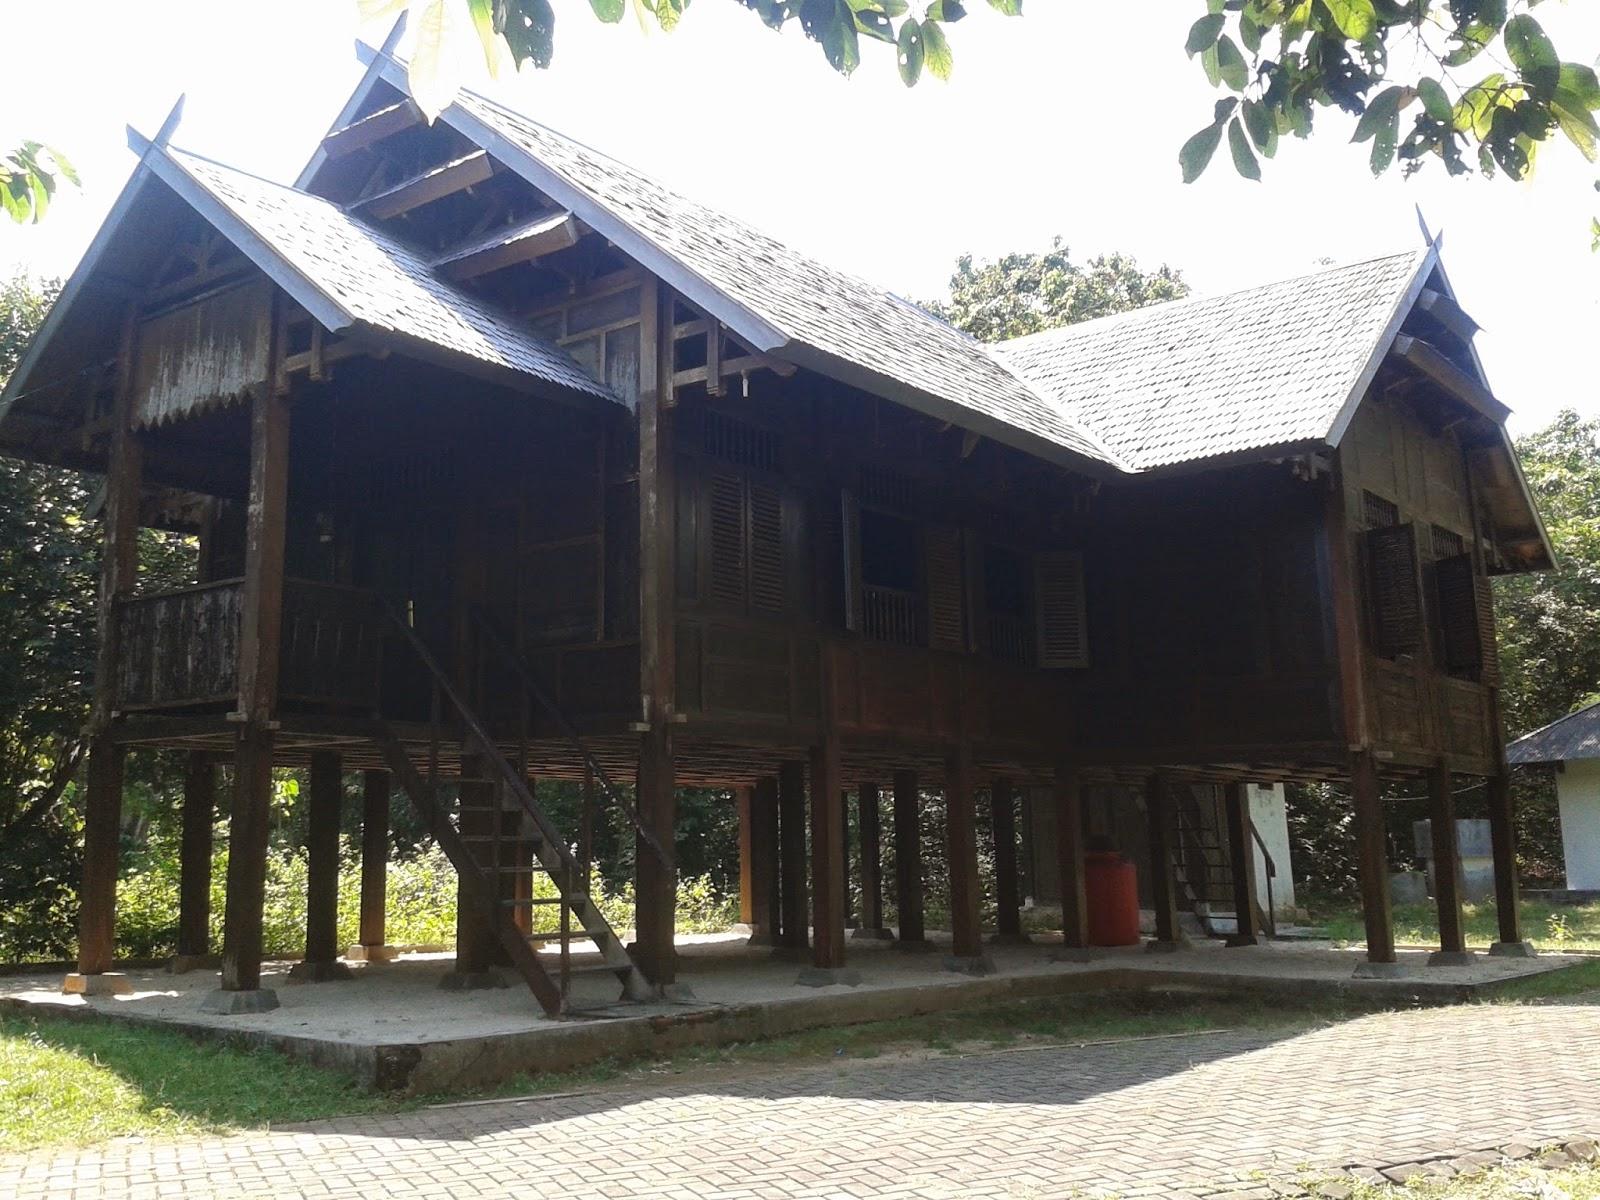 Rumah adat Bugis & Jawa di Kemujan, Karimunjawa